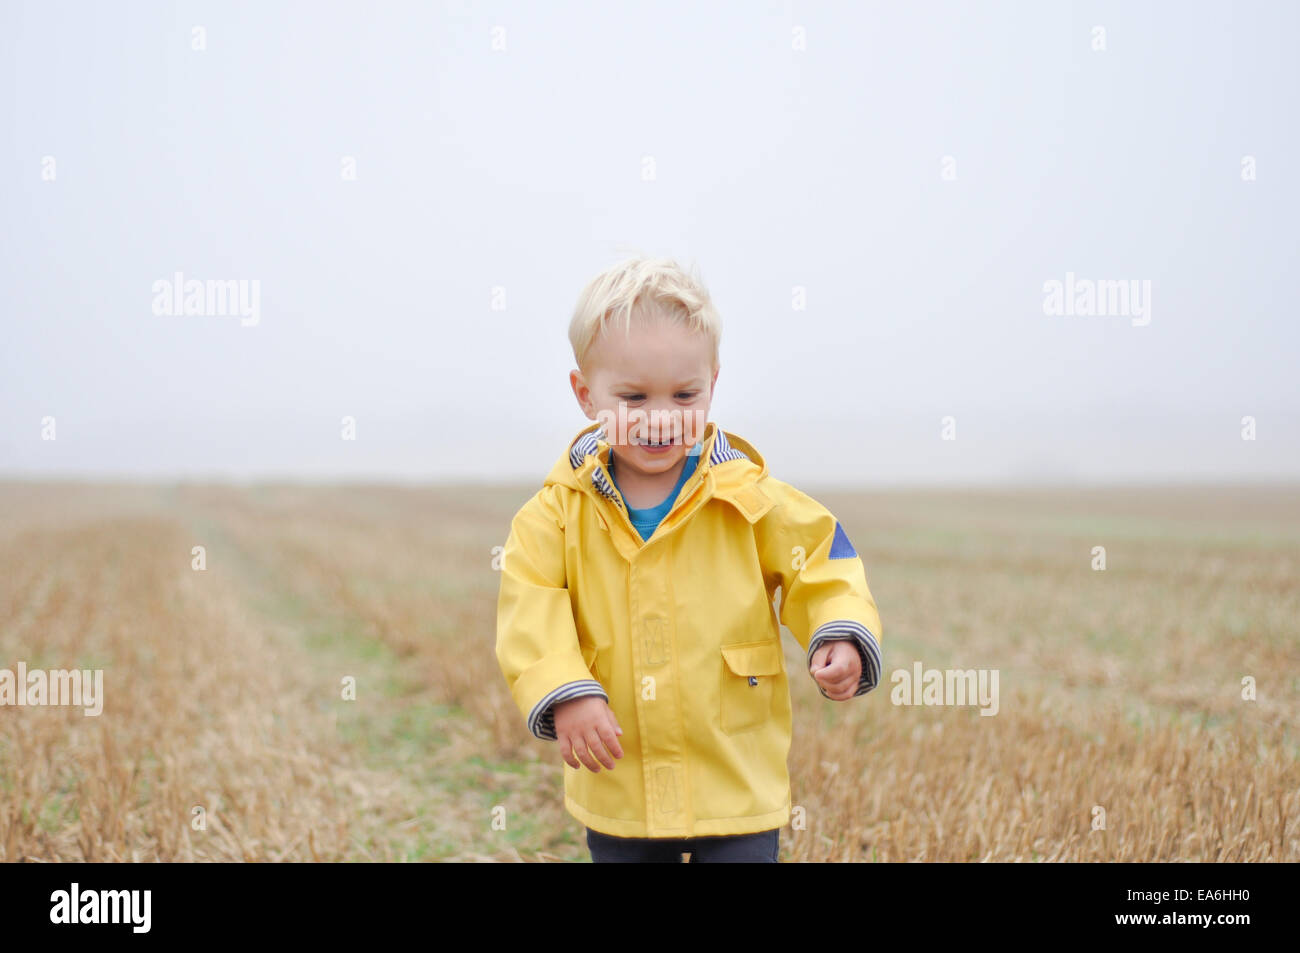 Garçon dans un manteau de pluie debout dans un champ de blé, England, UK Photo Stock